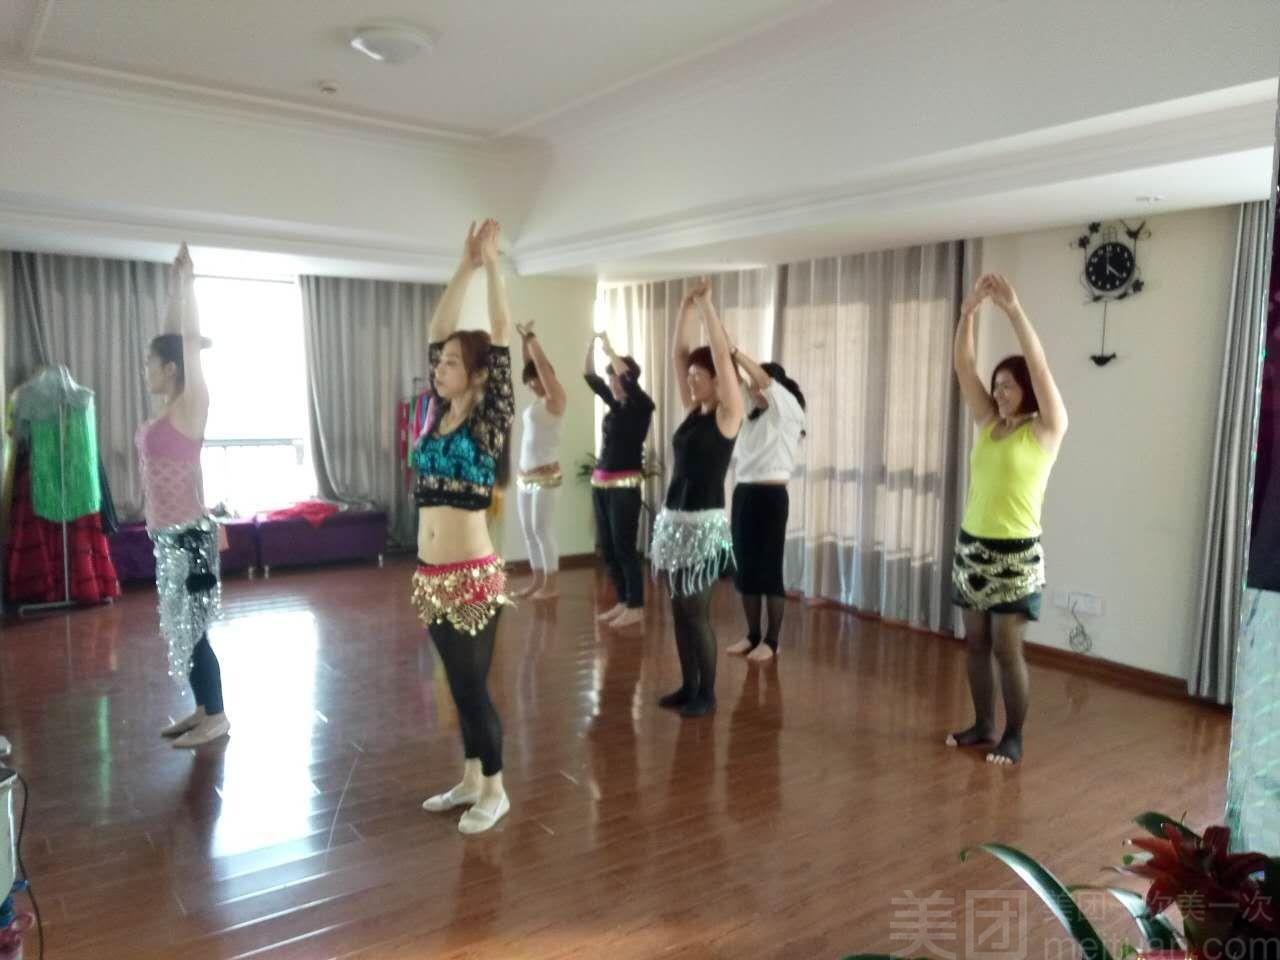 米露milo部落东方舞蹈培训机构-美团